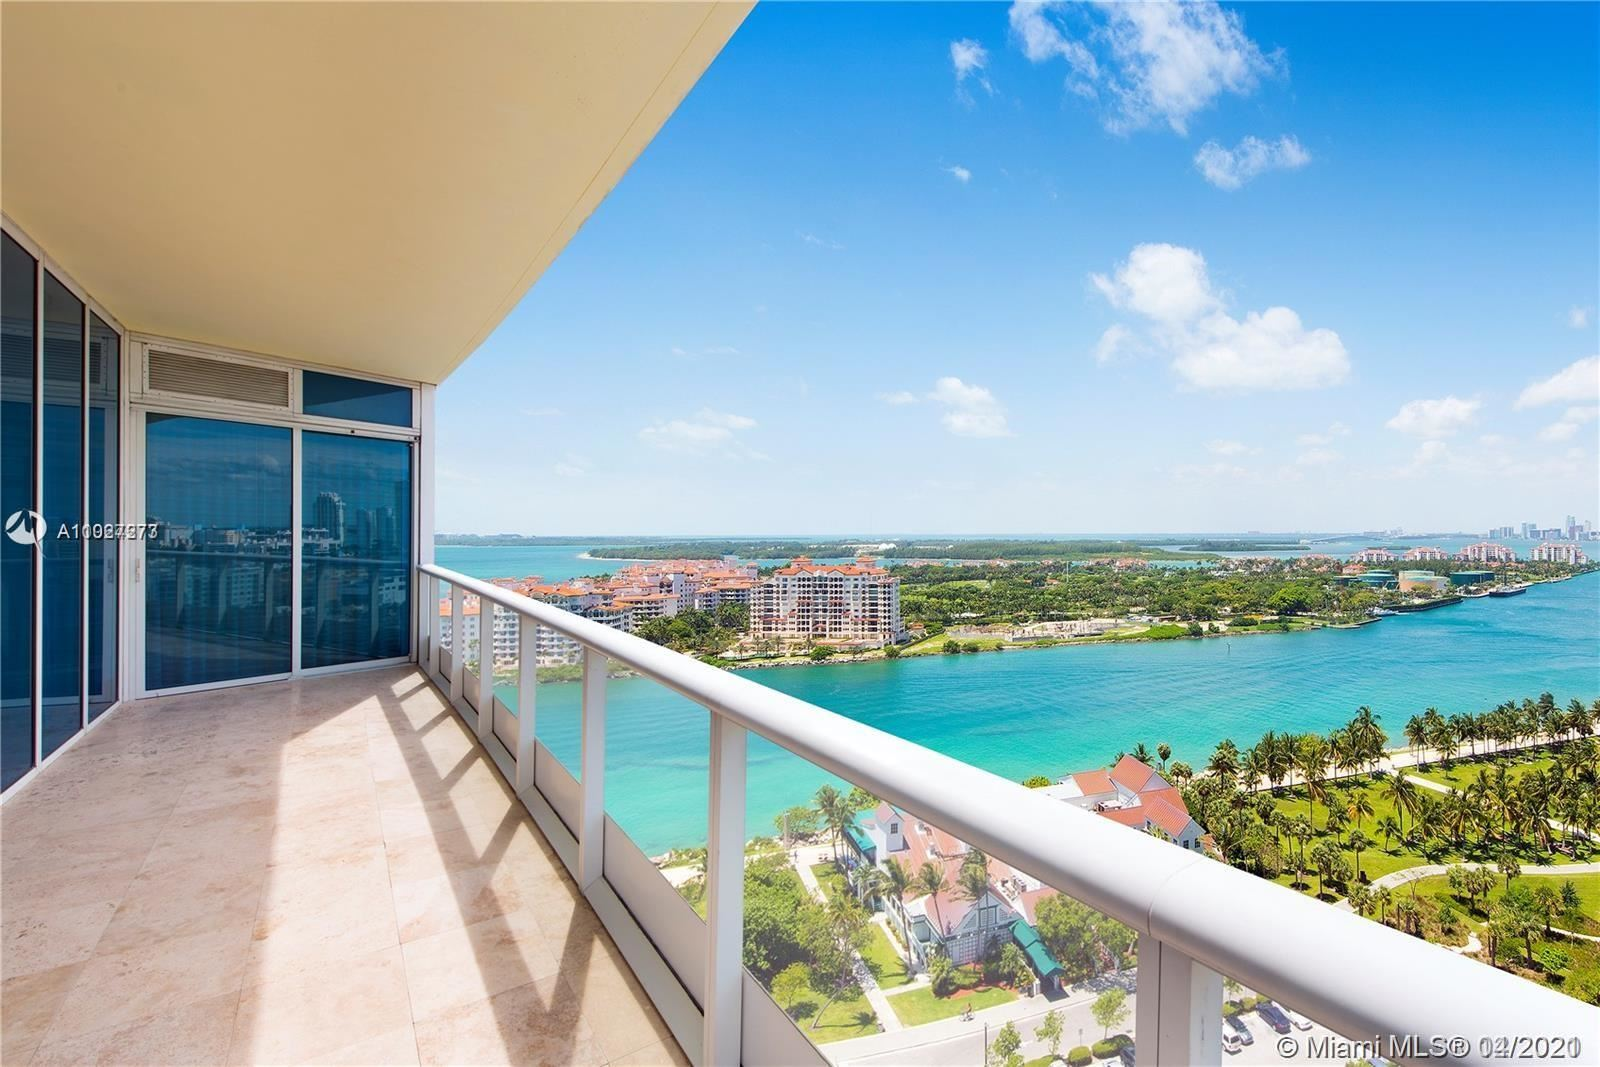 100 S Pointe Dr #1601, Miami Beach, FL 33139 - #: A11027273